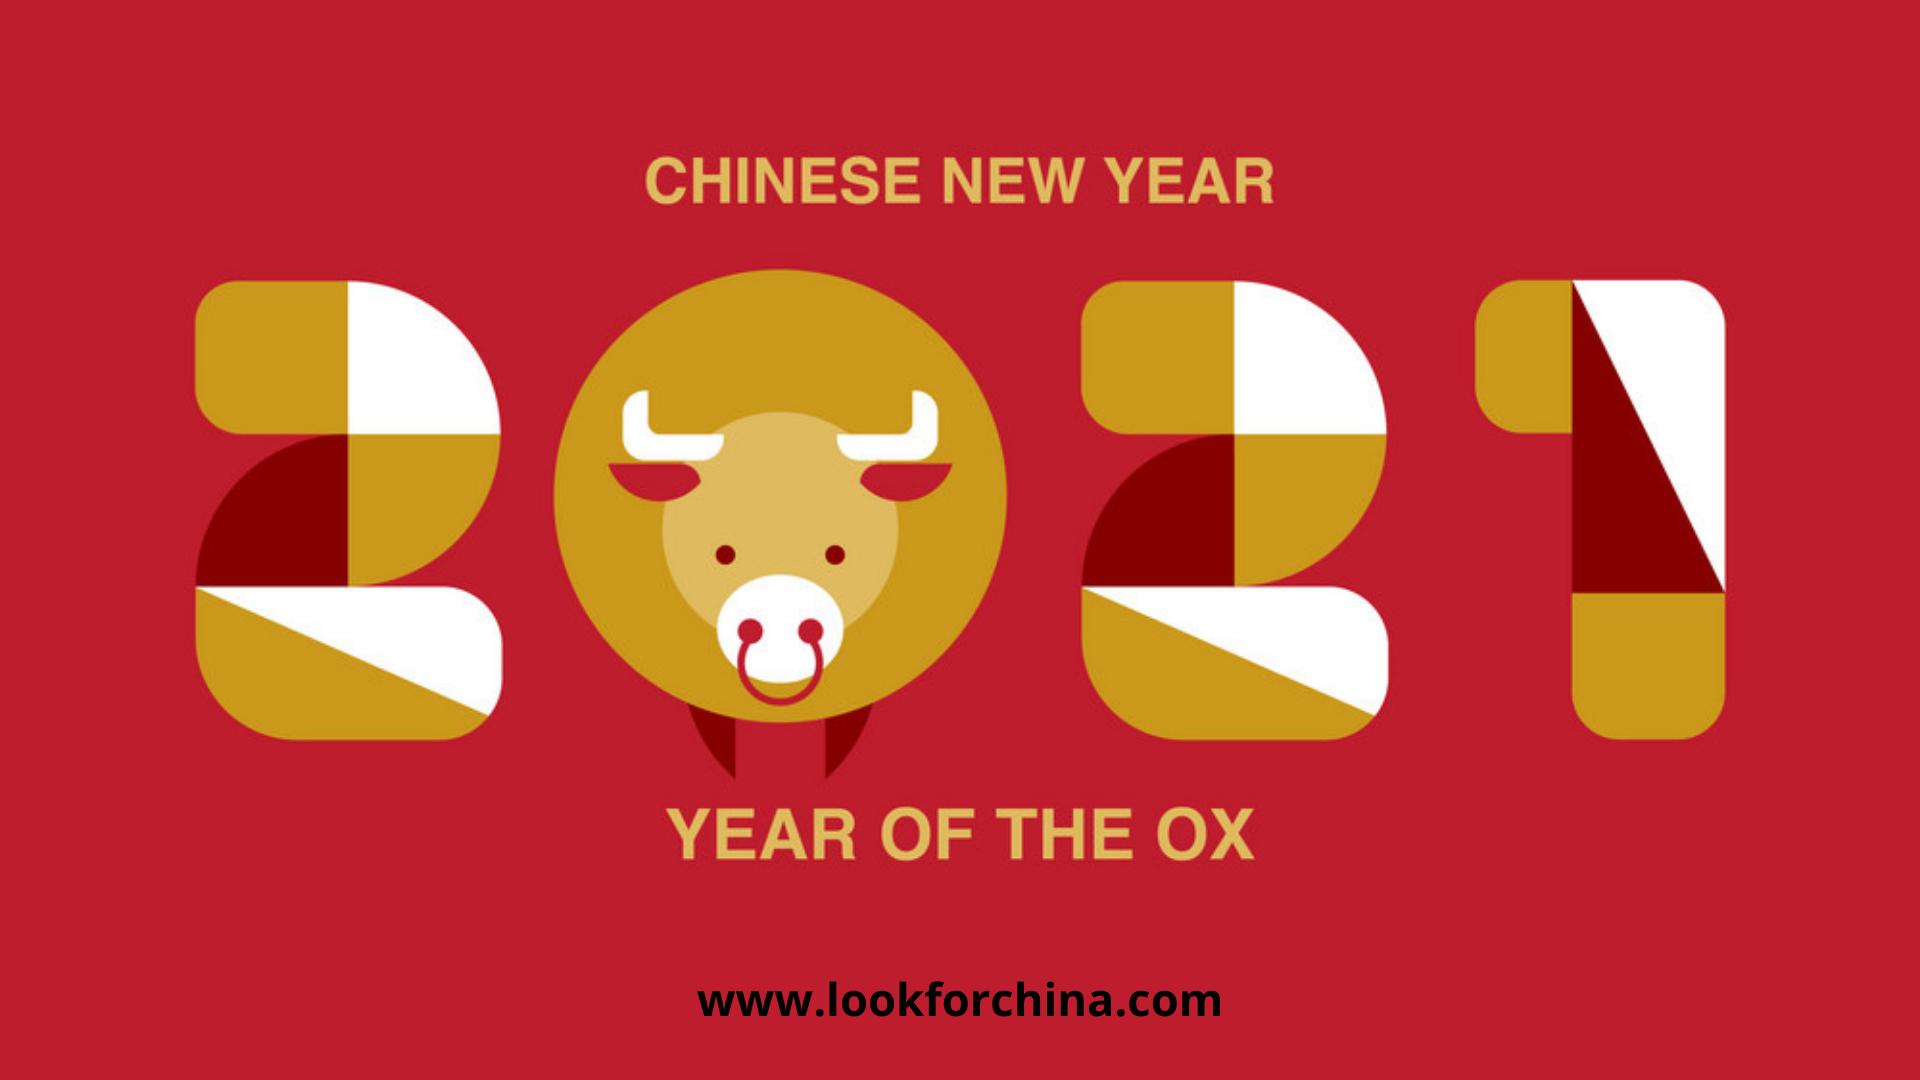 تعطیلات سال نوی چین چه تاثیری بر تجارت من با چین خواهد داشت؟ اگر تجارت شما متّکی بر تجارت با چین بوده یا اینکه در حال تجارت با کشورهایی باشید که در سال نوی چین جشن و تعطیلات دارند، مطمئنا از این مسائل تاثیرات منفی خواهید گرفت.